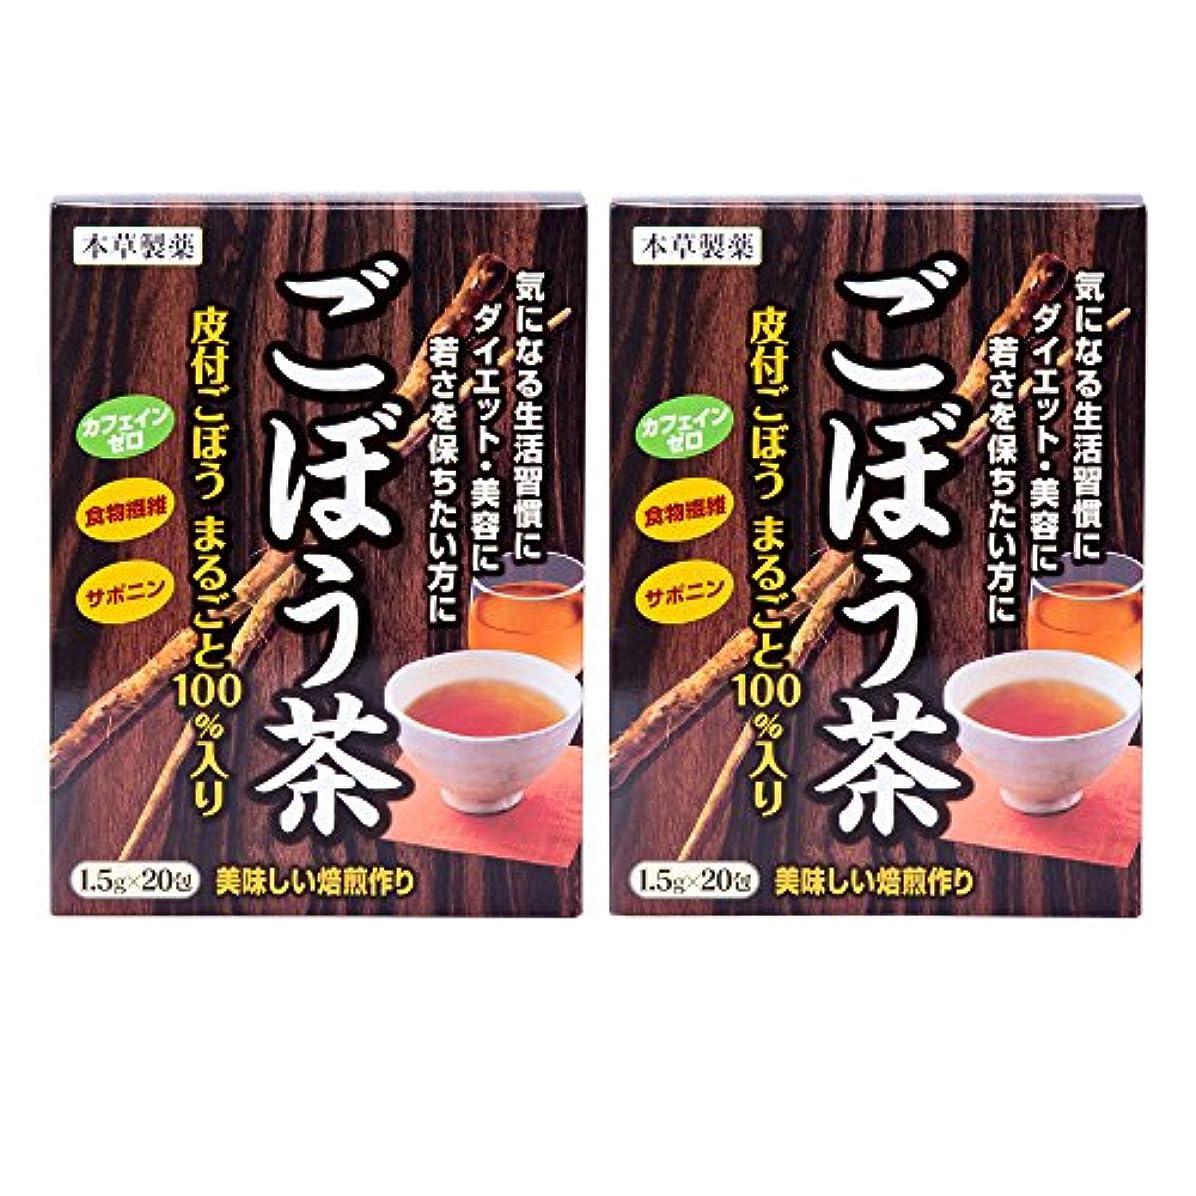 必要性処方する関連付ける本草製薬 ごぼう茶 2個セット